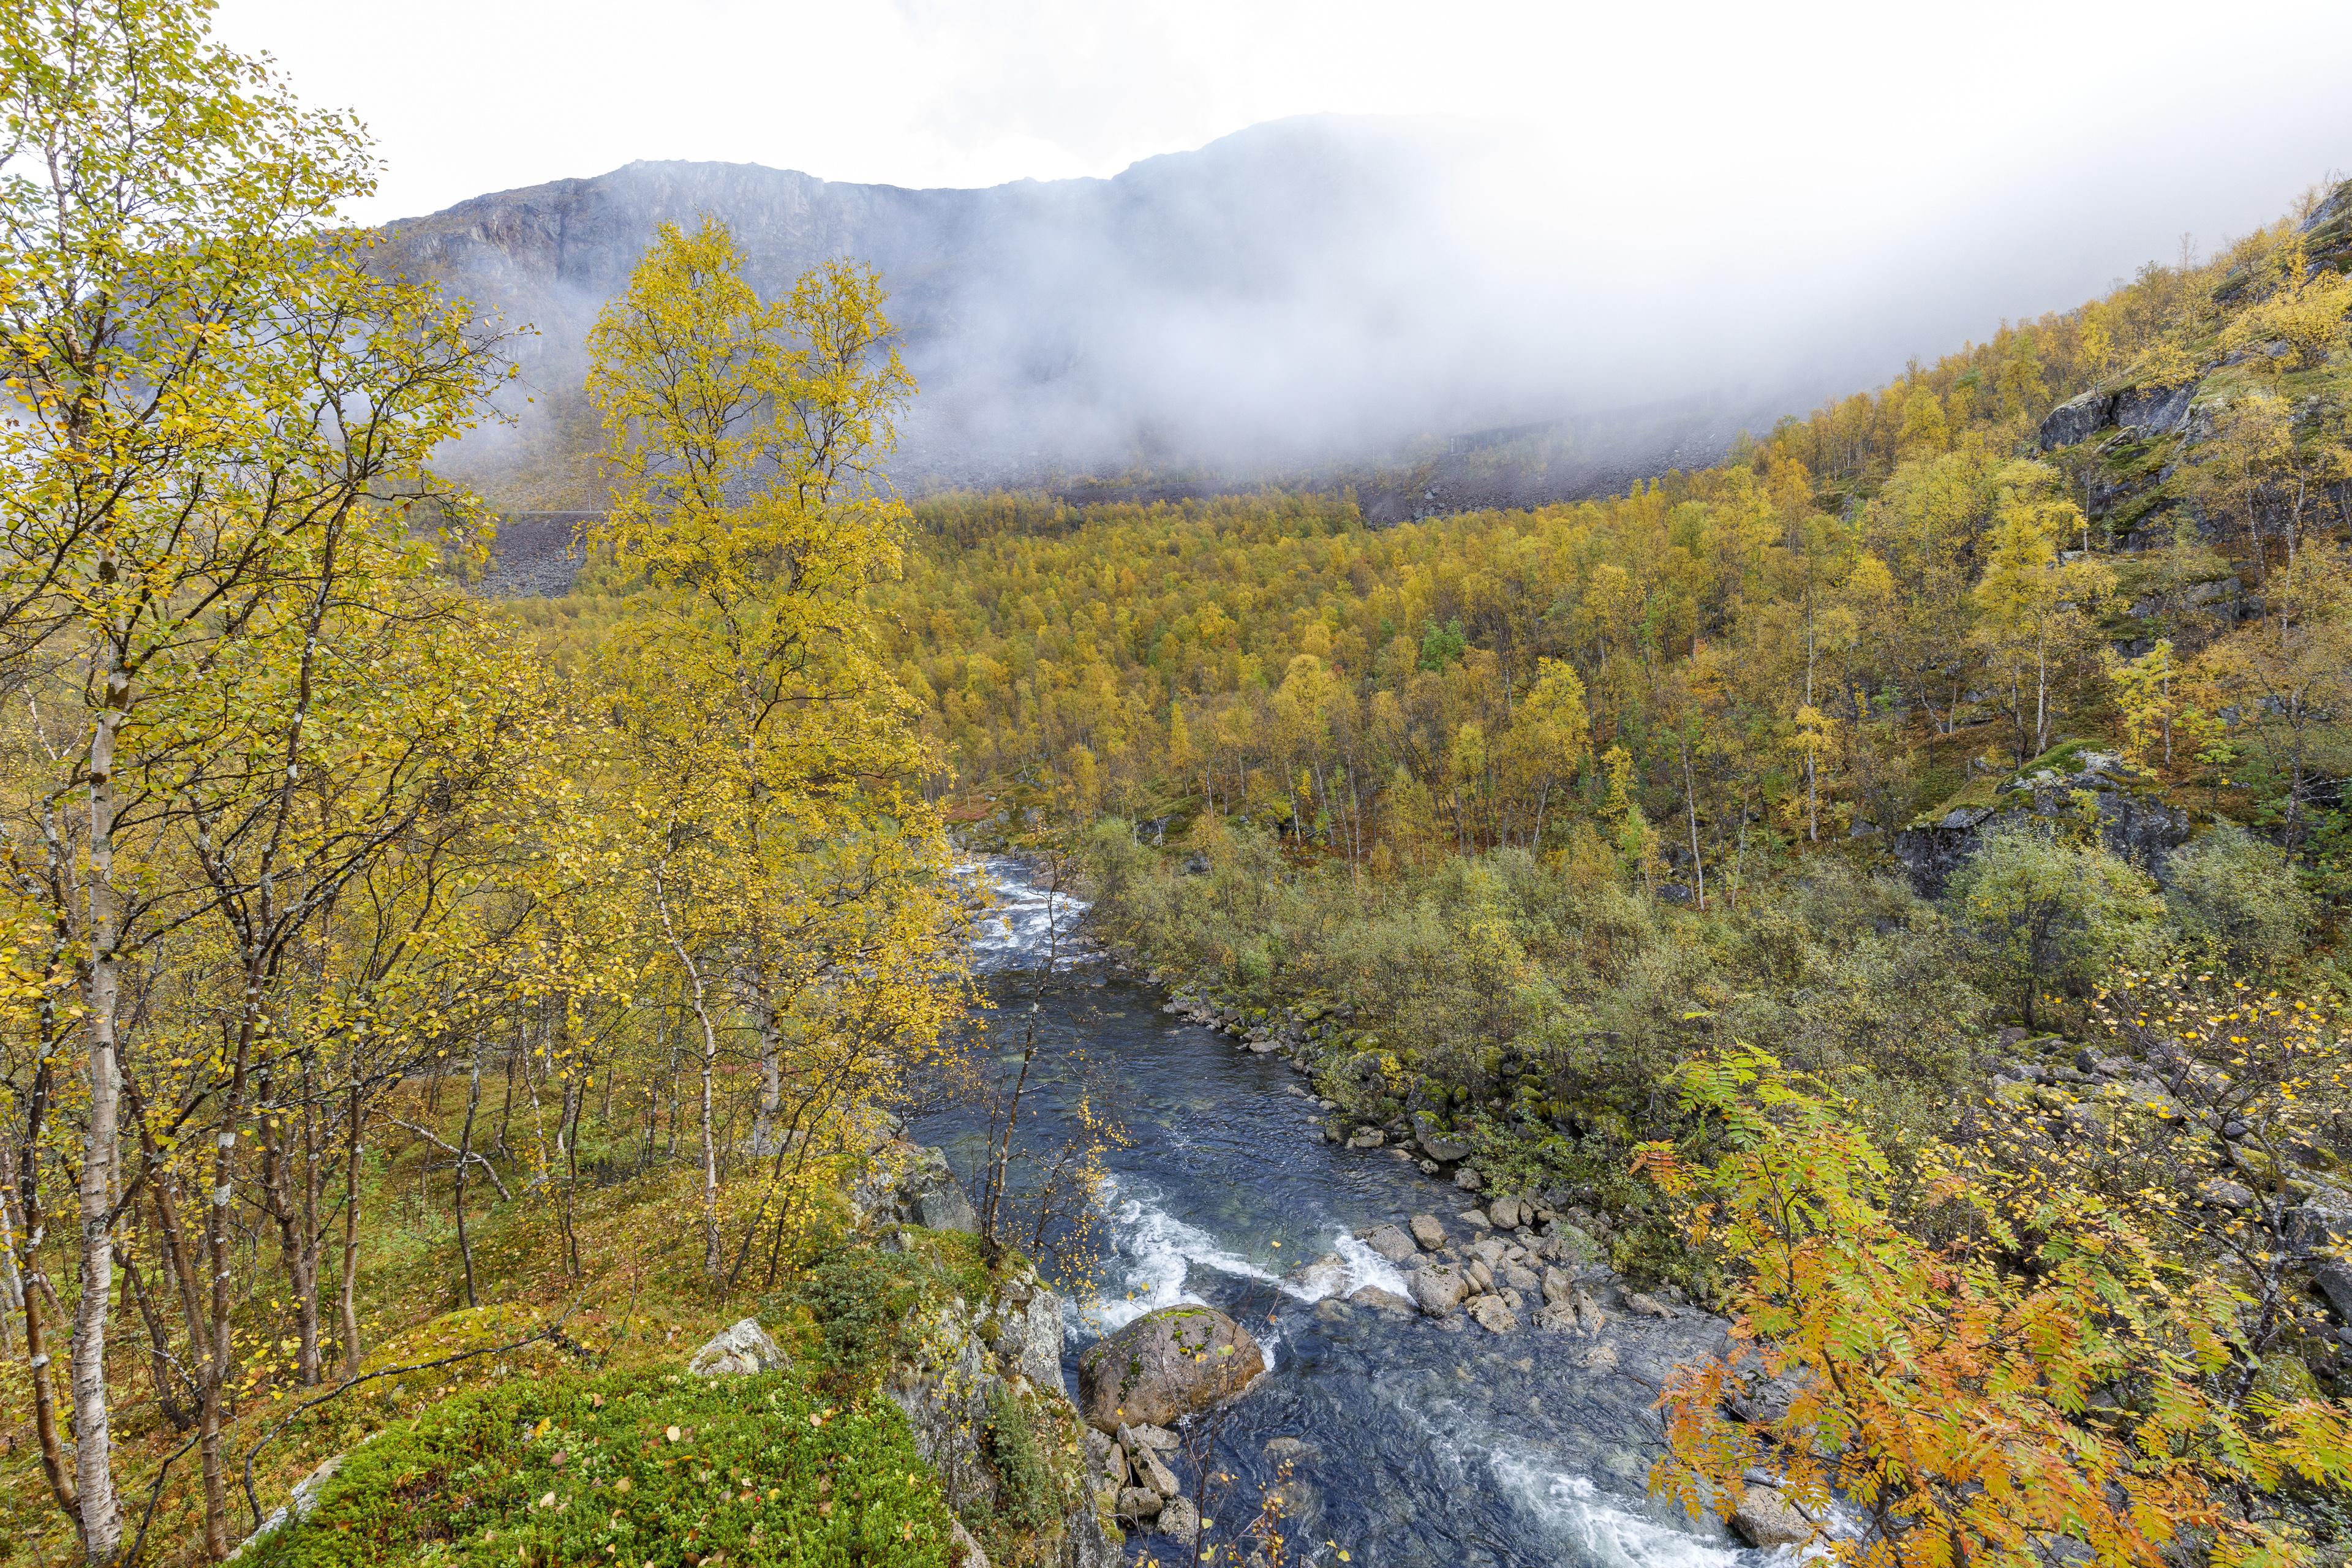 Rombakselva / Norddalen,©Markus Proske—Canon EOS 5D Mark IV, EF16-35mm f/4L IS USM, 16mm, 1/60s, Blende 11, ISO 640